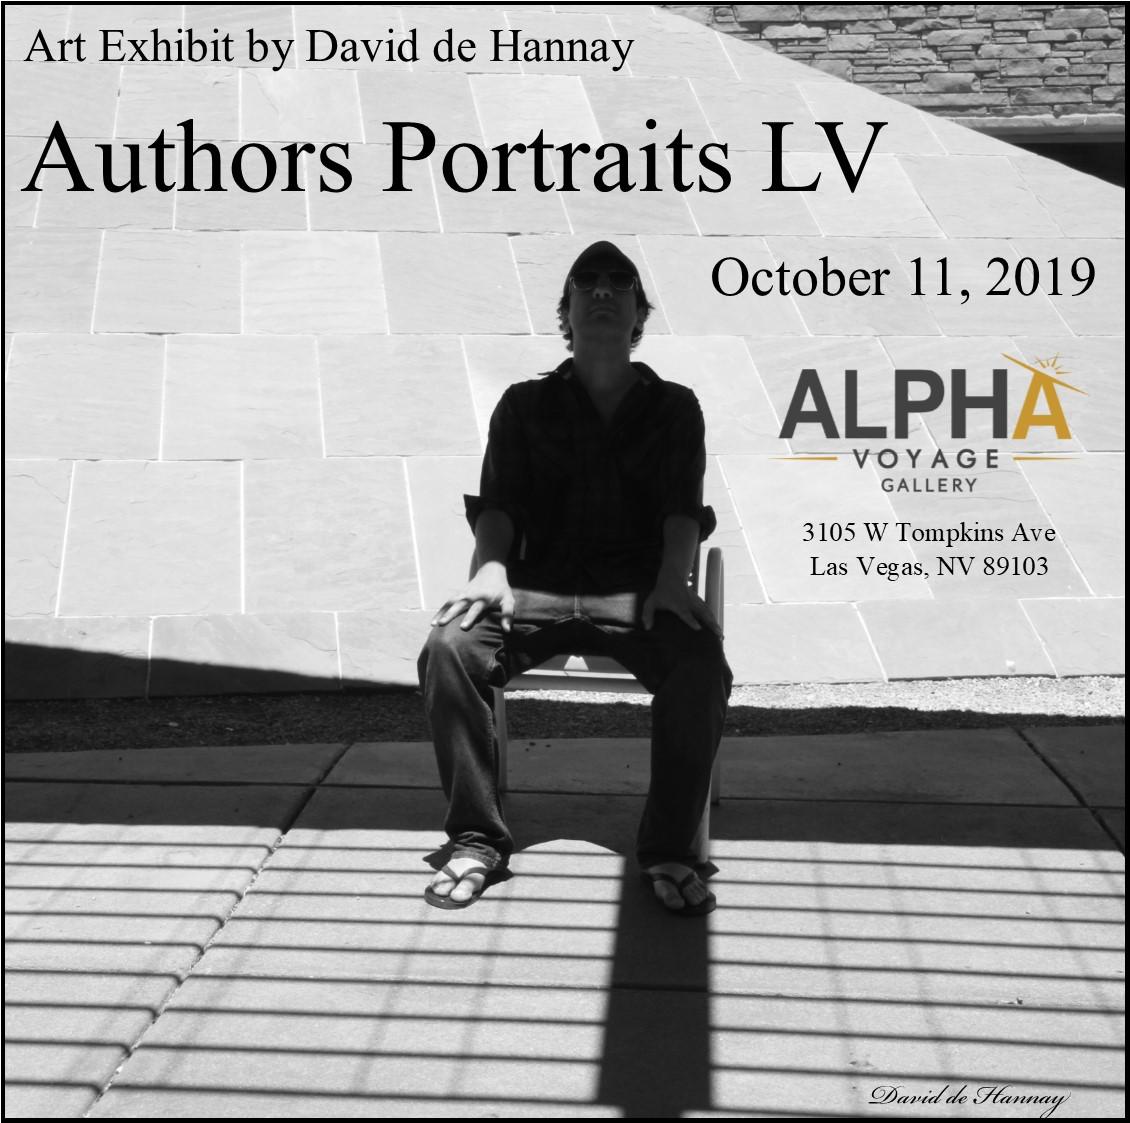 Authors Portraits LV